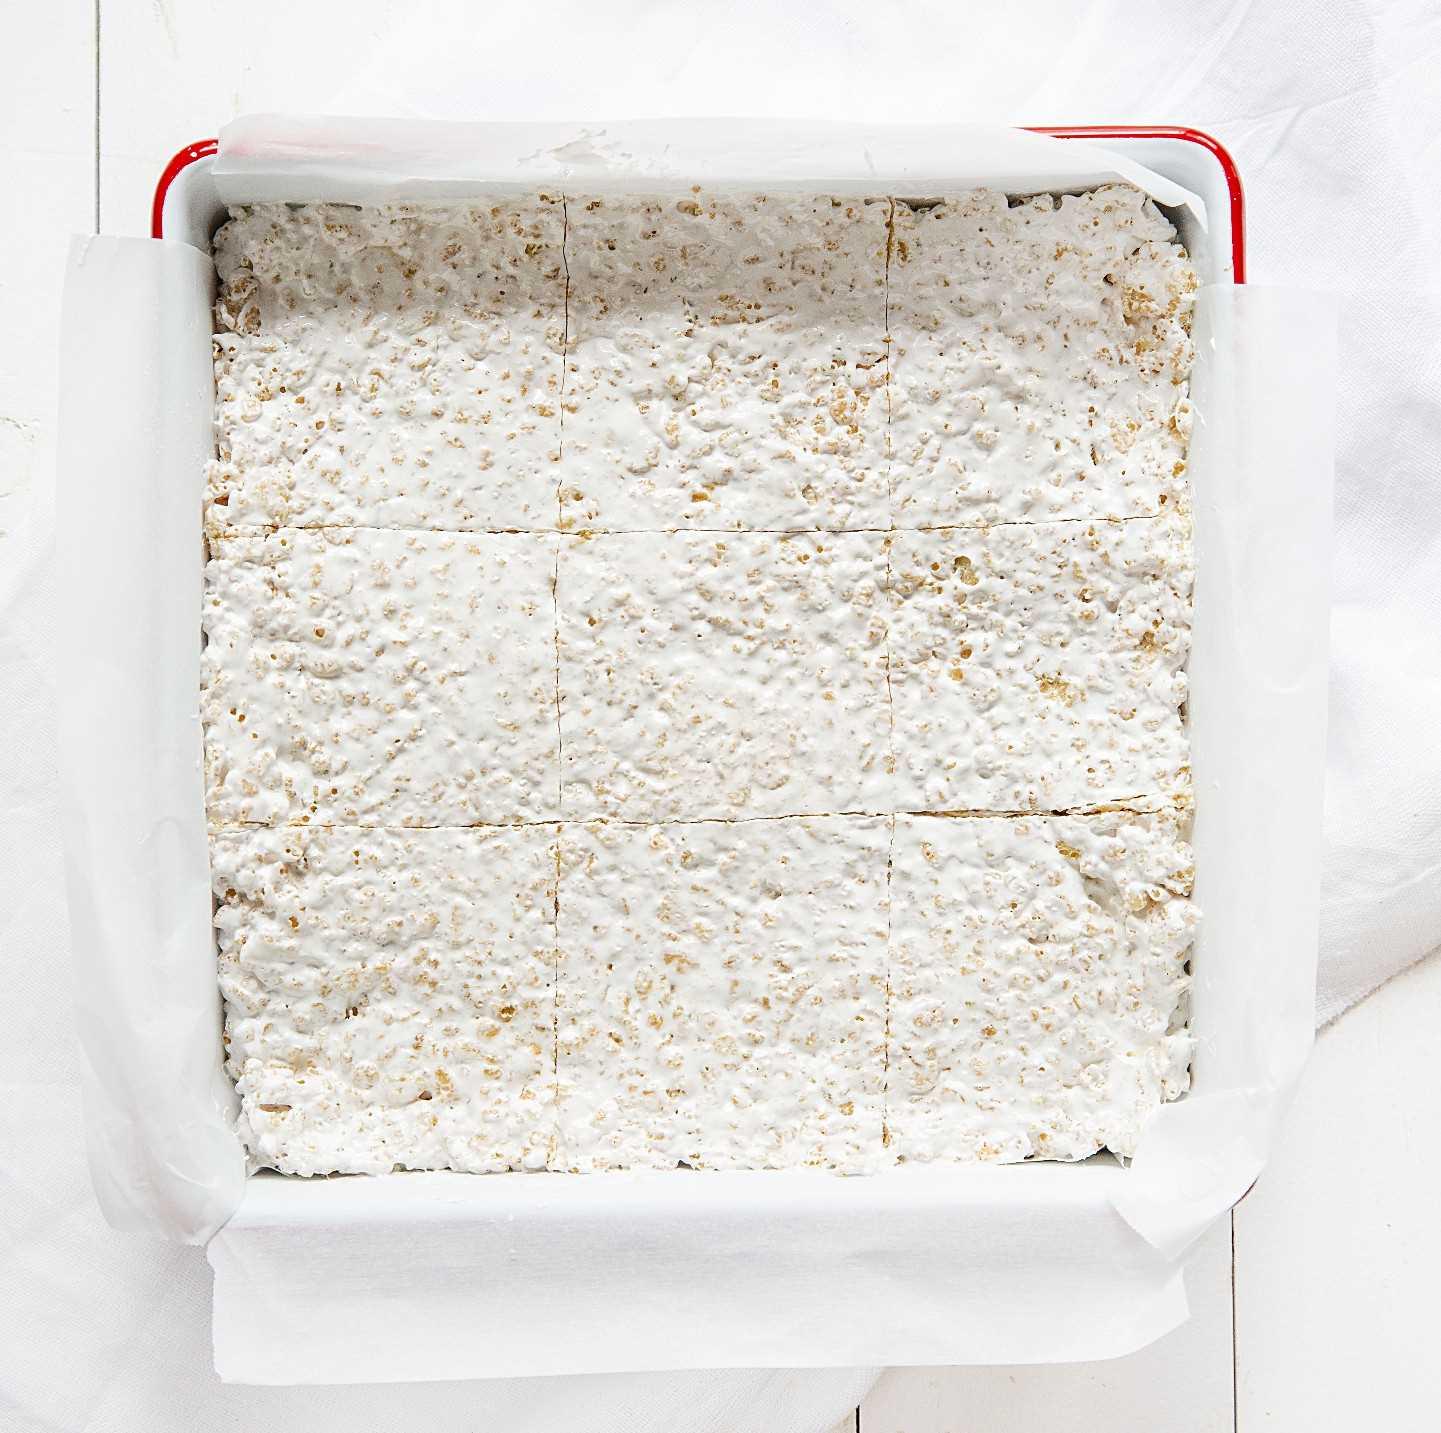 Las mejores barras de arroz Krispy